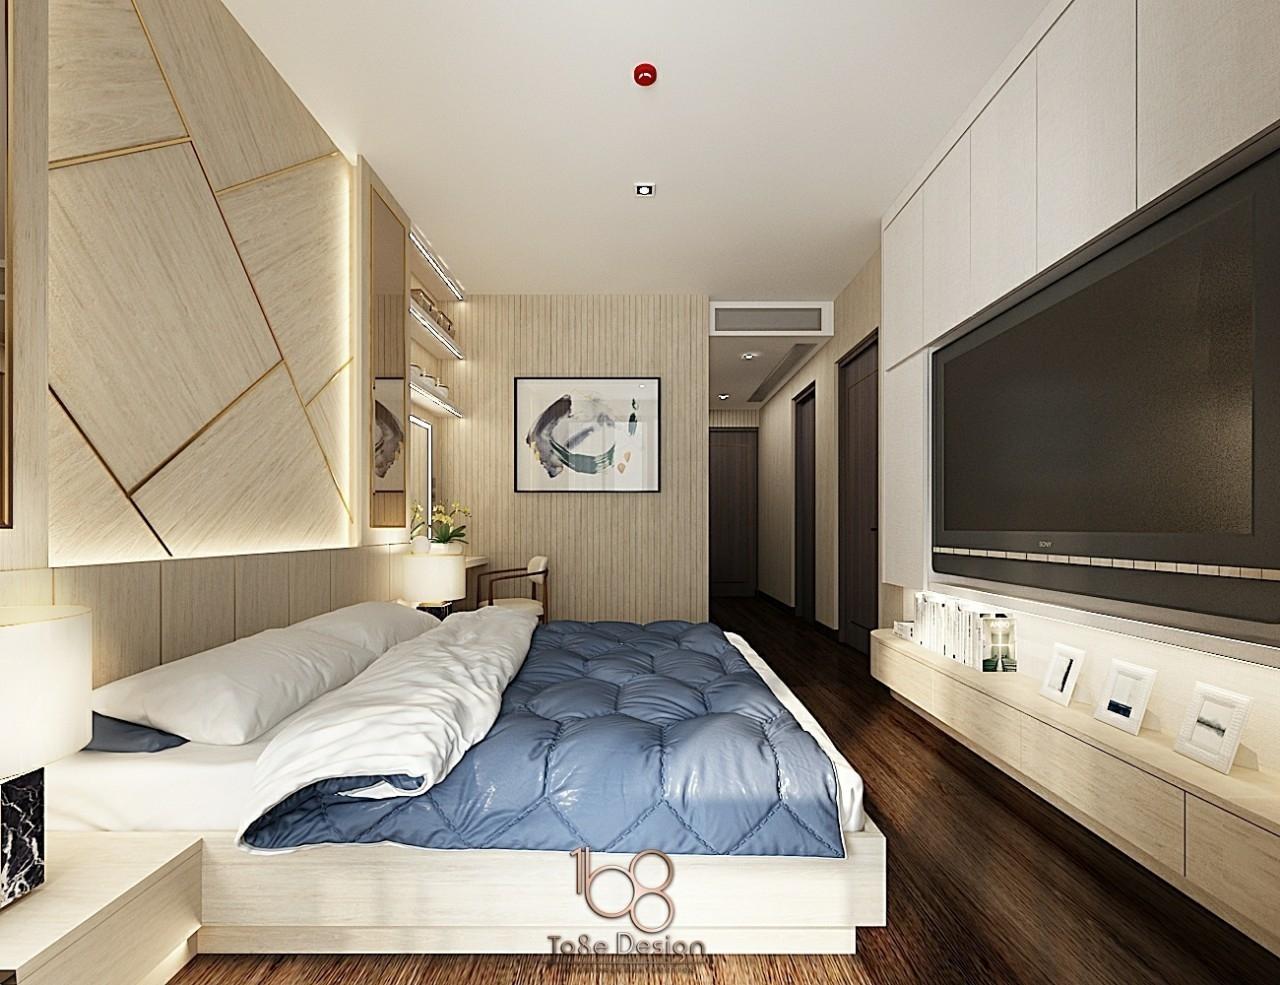 ห้องนอน-ออกแบบตกแต่งภายในห้องนอน